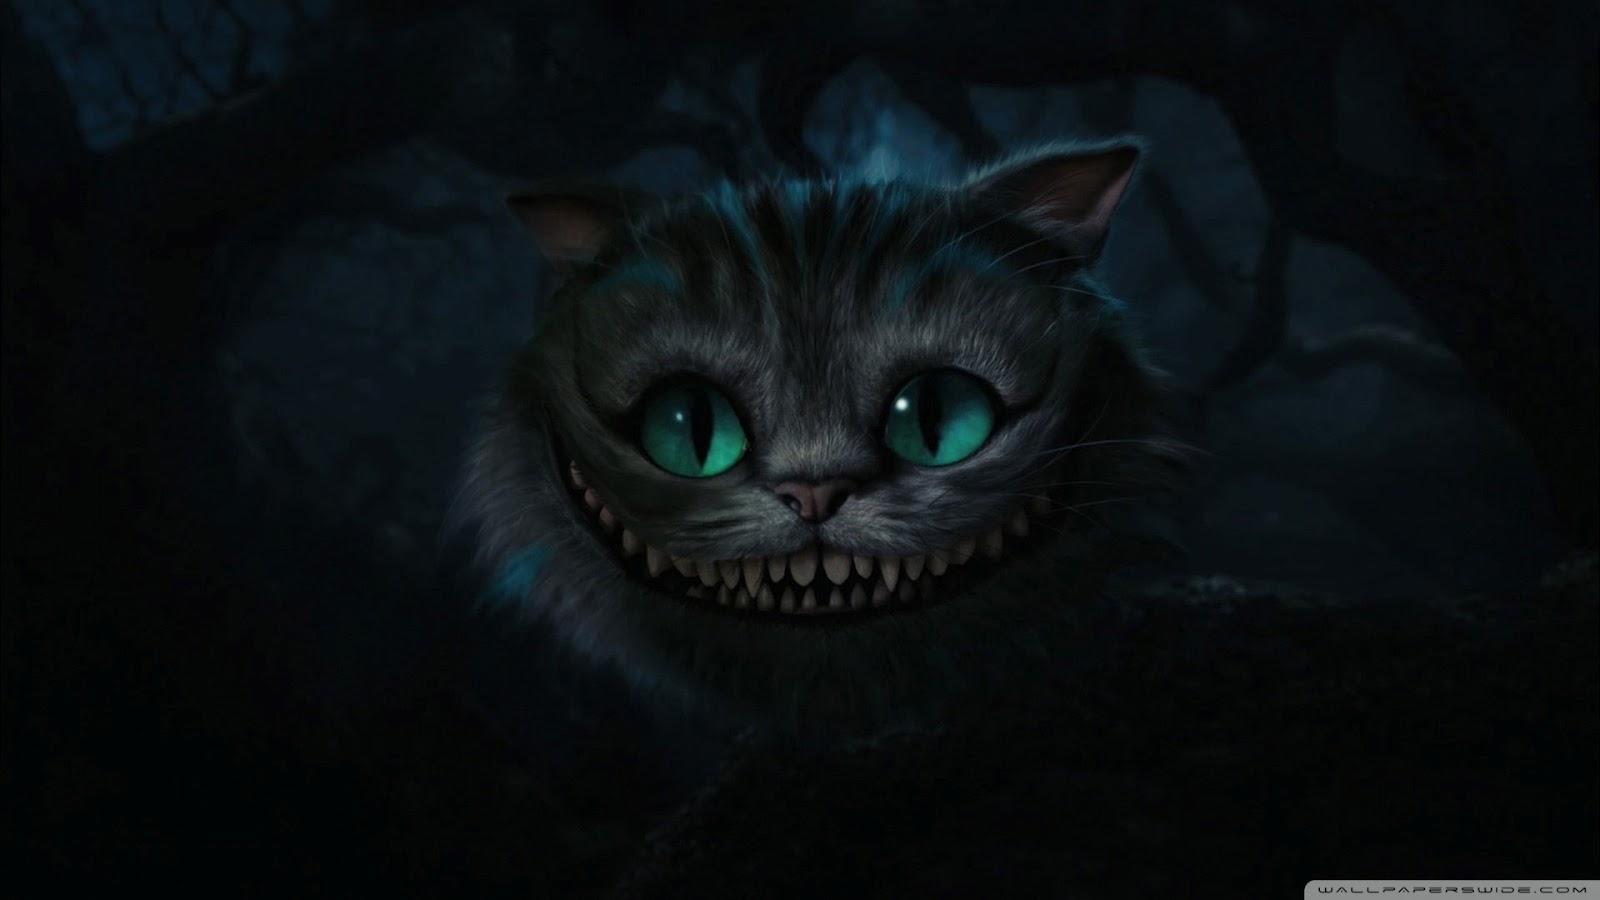 http://2.bp.blogspot.com/-WBdeHhyjS30/UBYq-K901tI/AAAAAAAAGW8/2xVBtRr3uvU/s1600/cheshire_cat_alice_in_wonderland-wallpaper-1920x1080.jpg